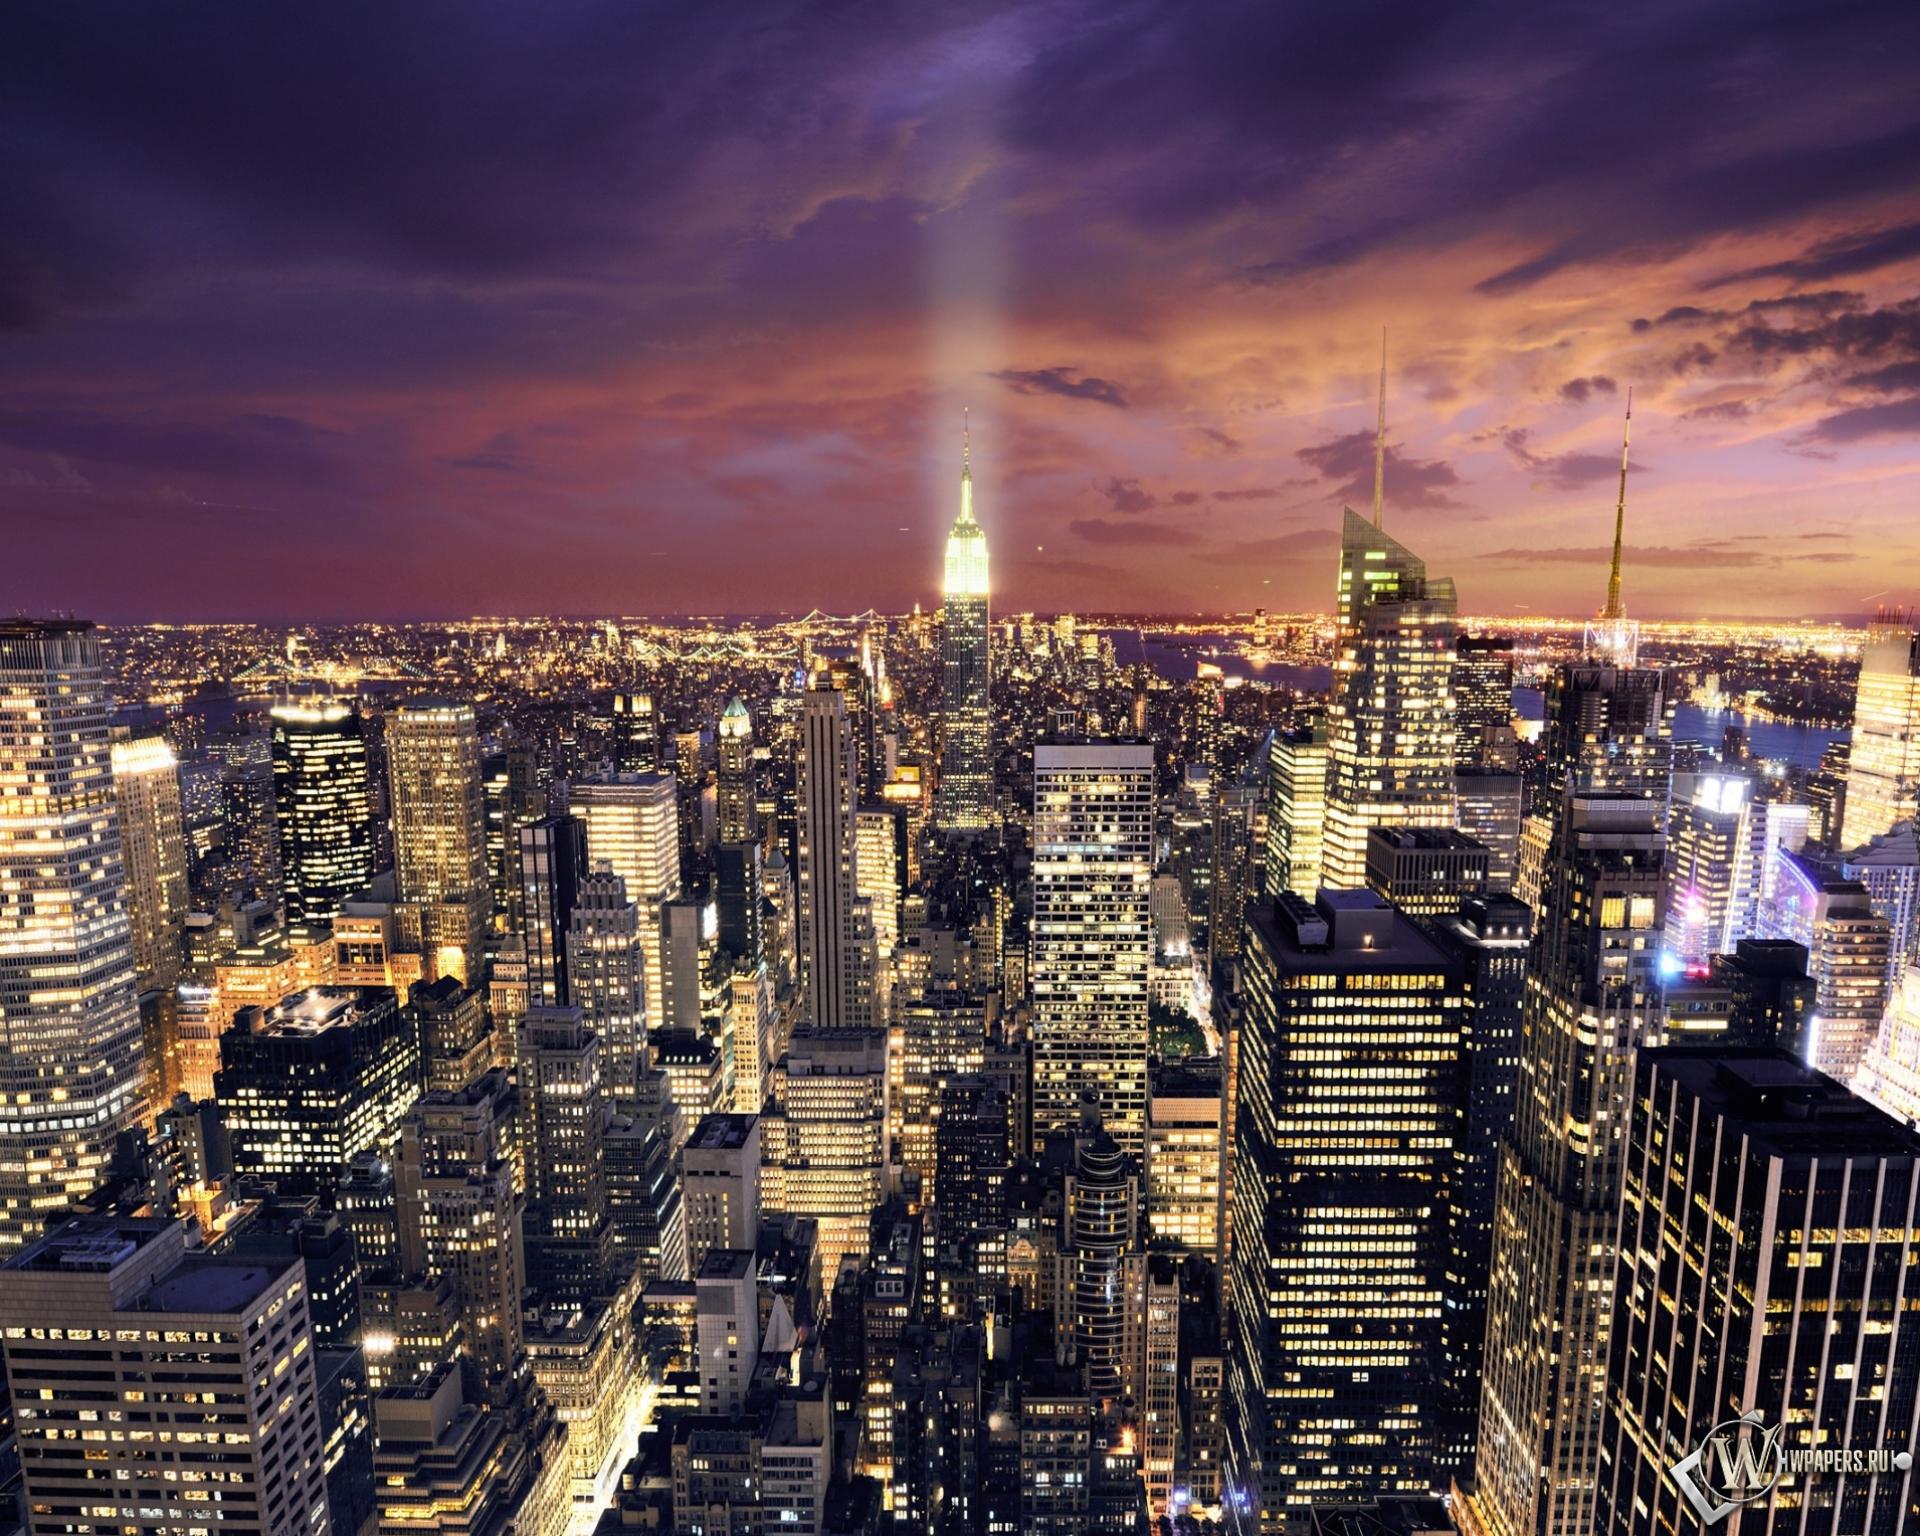 Ночной Нью-Йорк 1920x1536